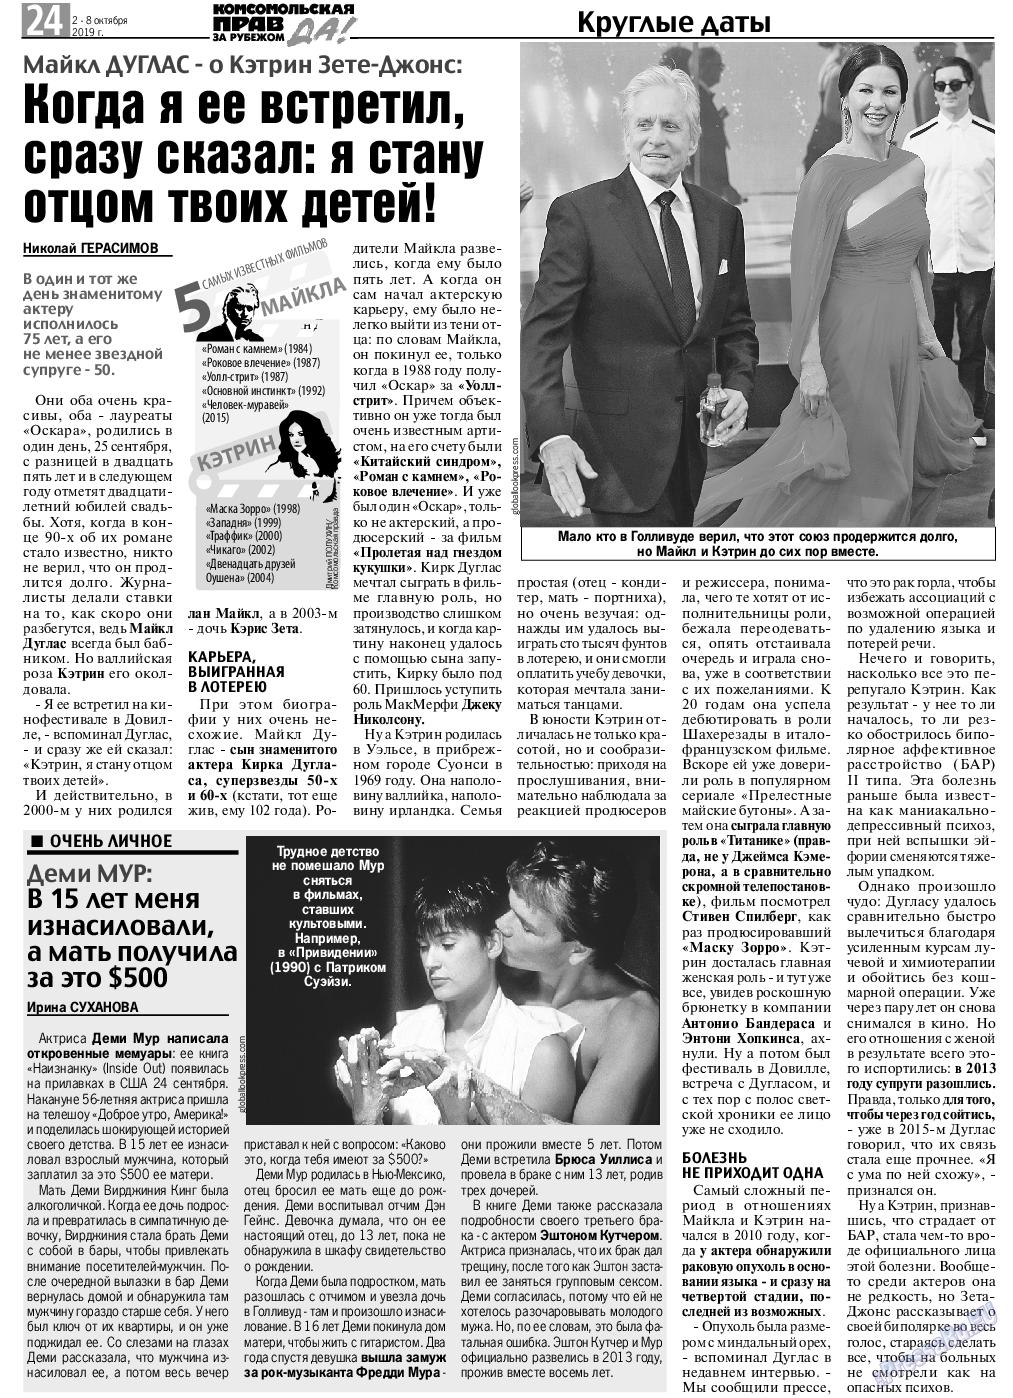 КП в Европе (газета). 2019 год, номер 40, стр. 24